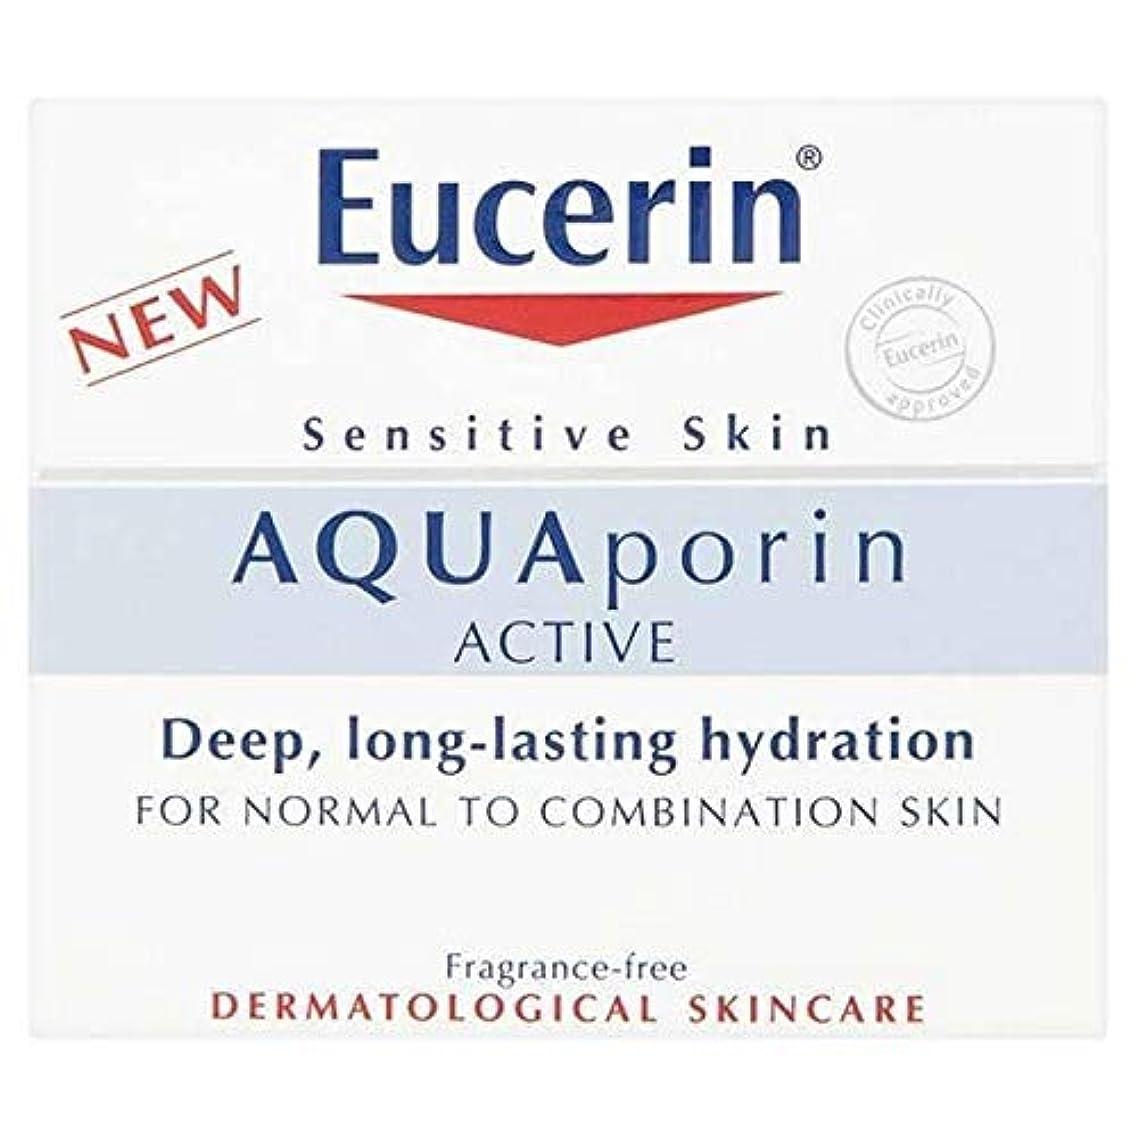 練習した経過服を着る[Eucerin ] ノーマル/櫛皮膚50ミリリットルのためのユーセリンアクアポリンアクティブ水和 - Eucerin Aquaporin Active Hydration for Normal/Comb Skin 50ml...